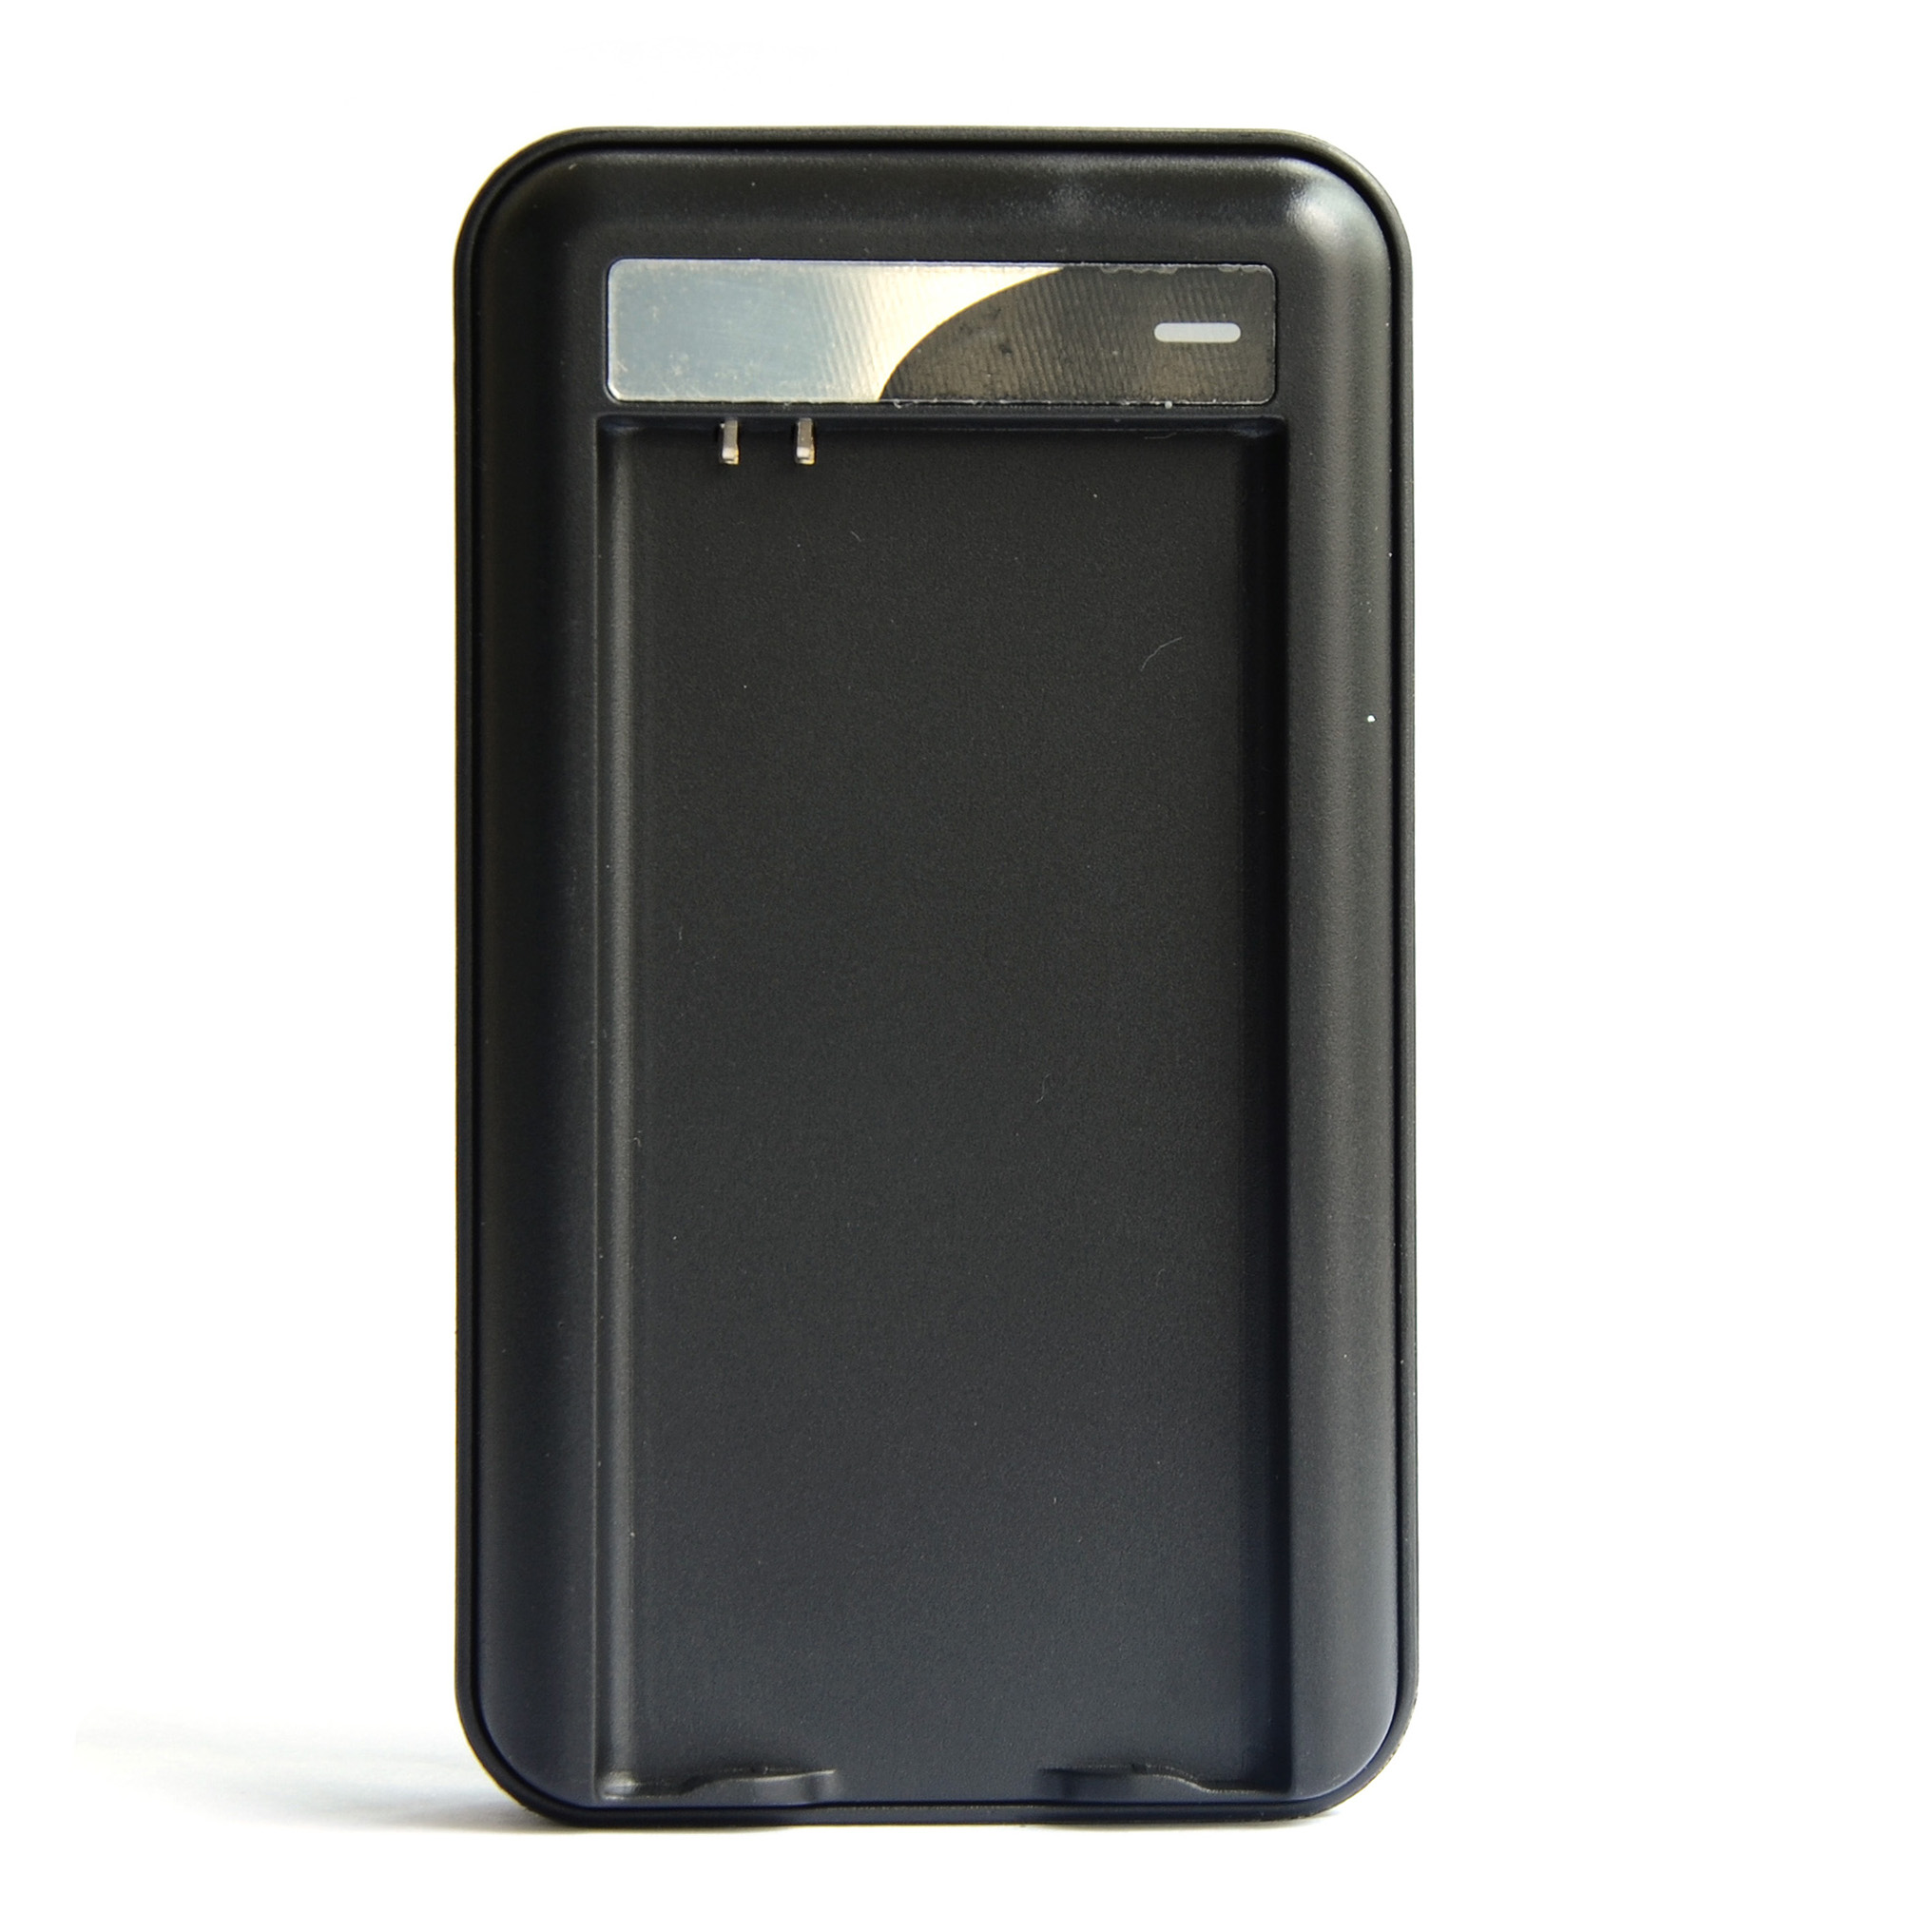 壹博源适合三星GalaxyS5座充专用G9006/G9006G9009盖世手机充电器